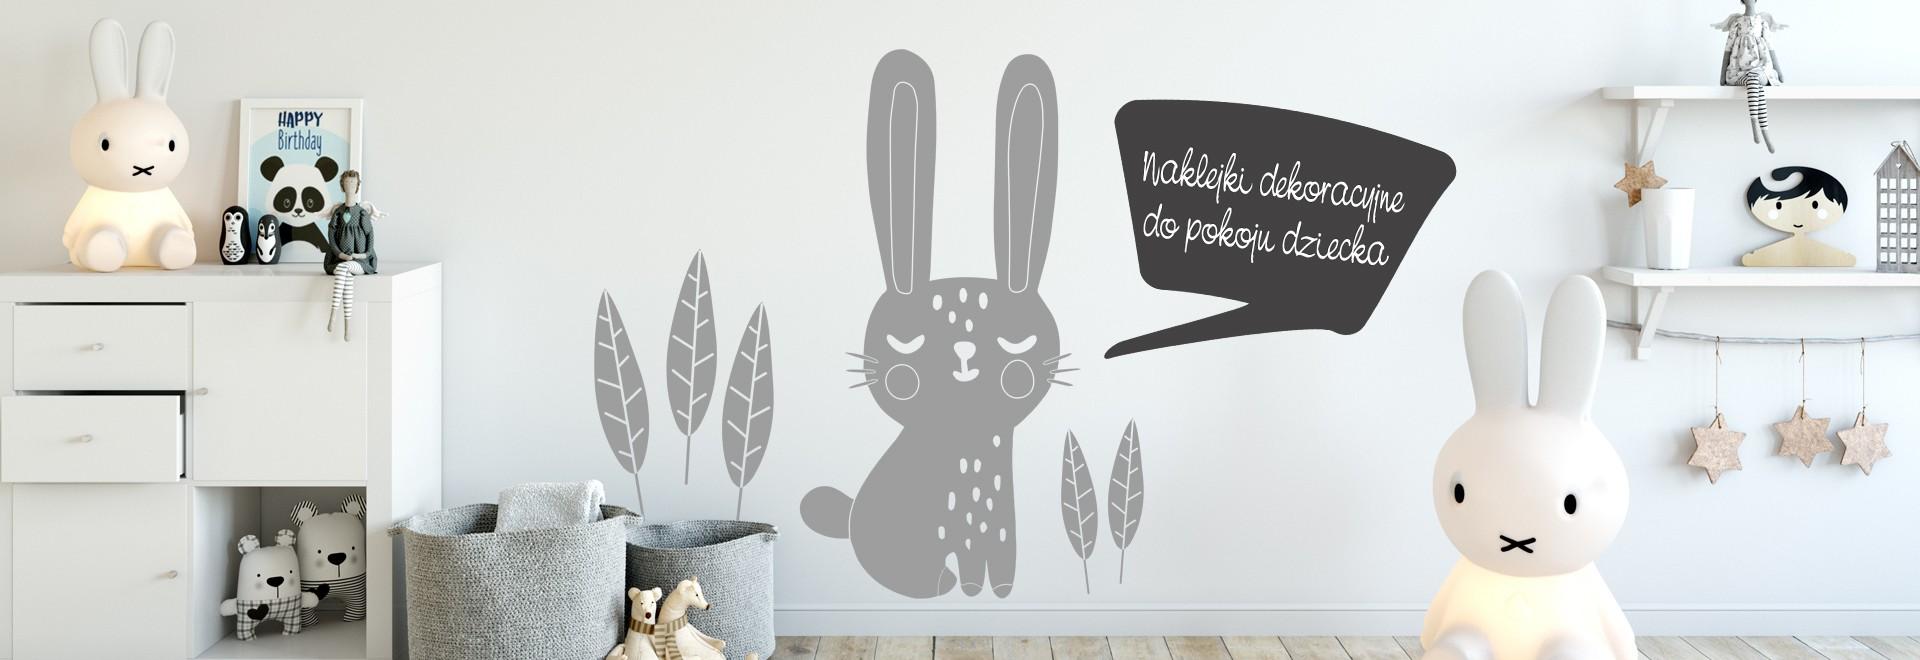 Naklejki dekoracyjne do pokoju dziecka